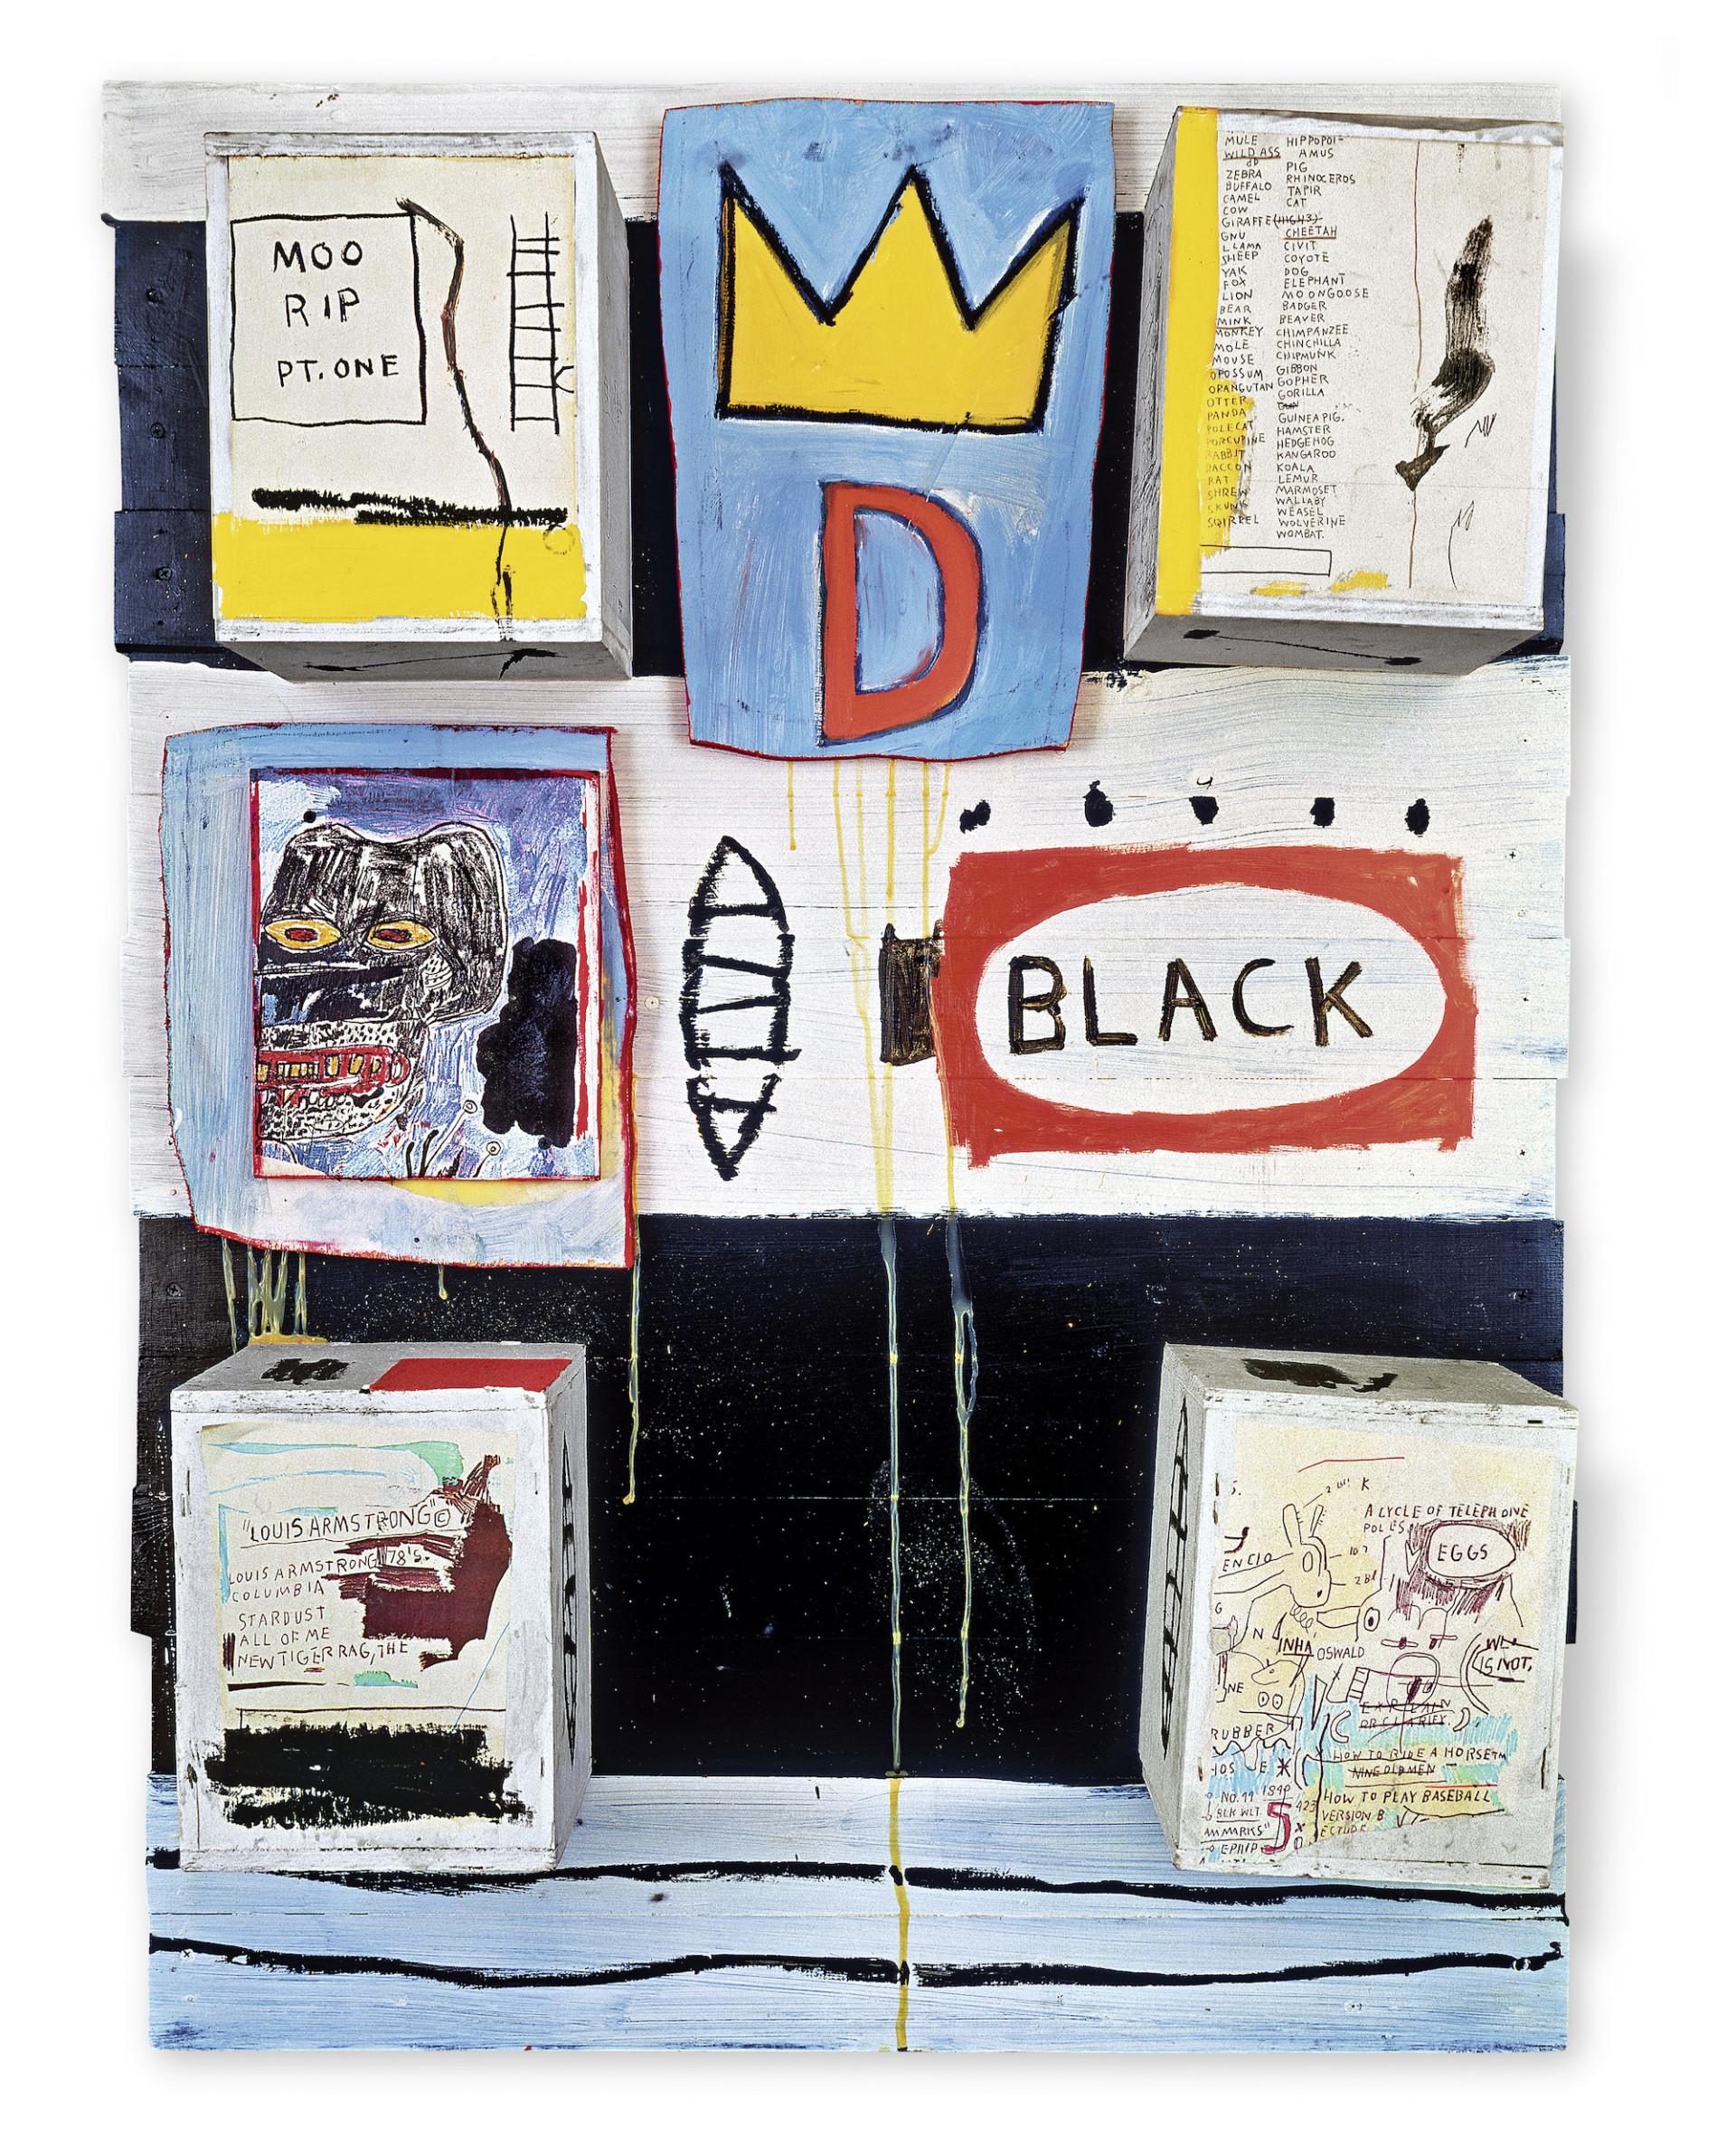 XL_Basquiat_01141_421-960x1187@2x.jpg